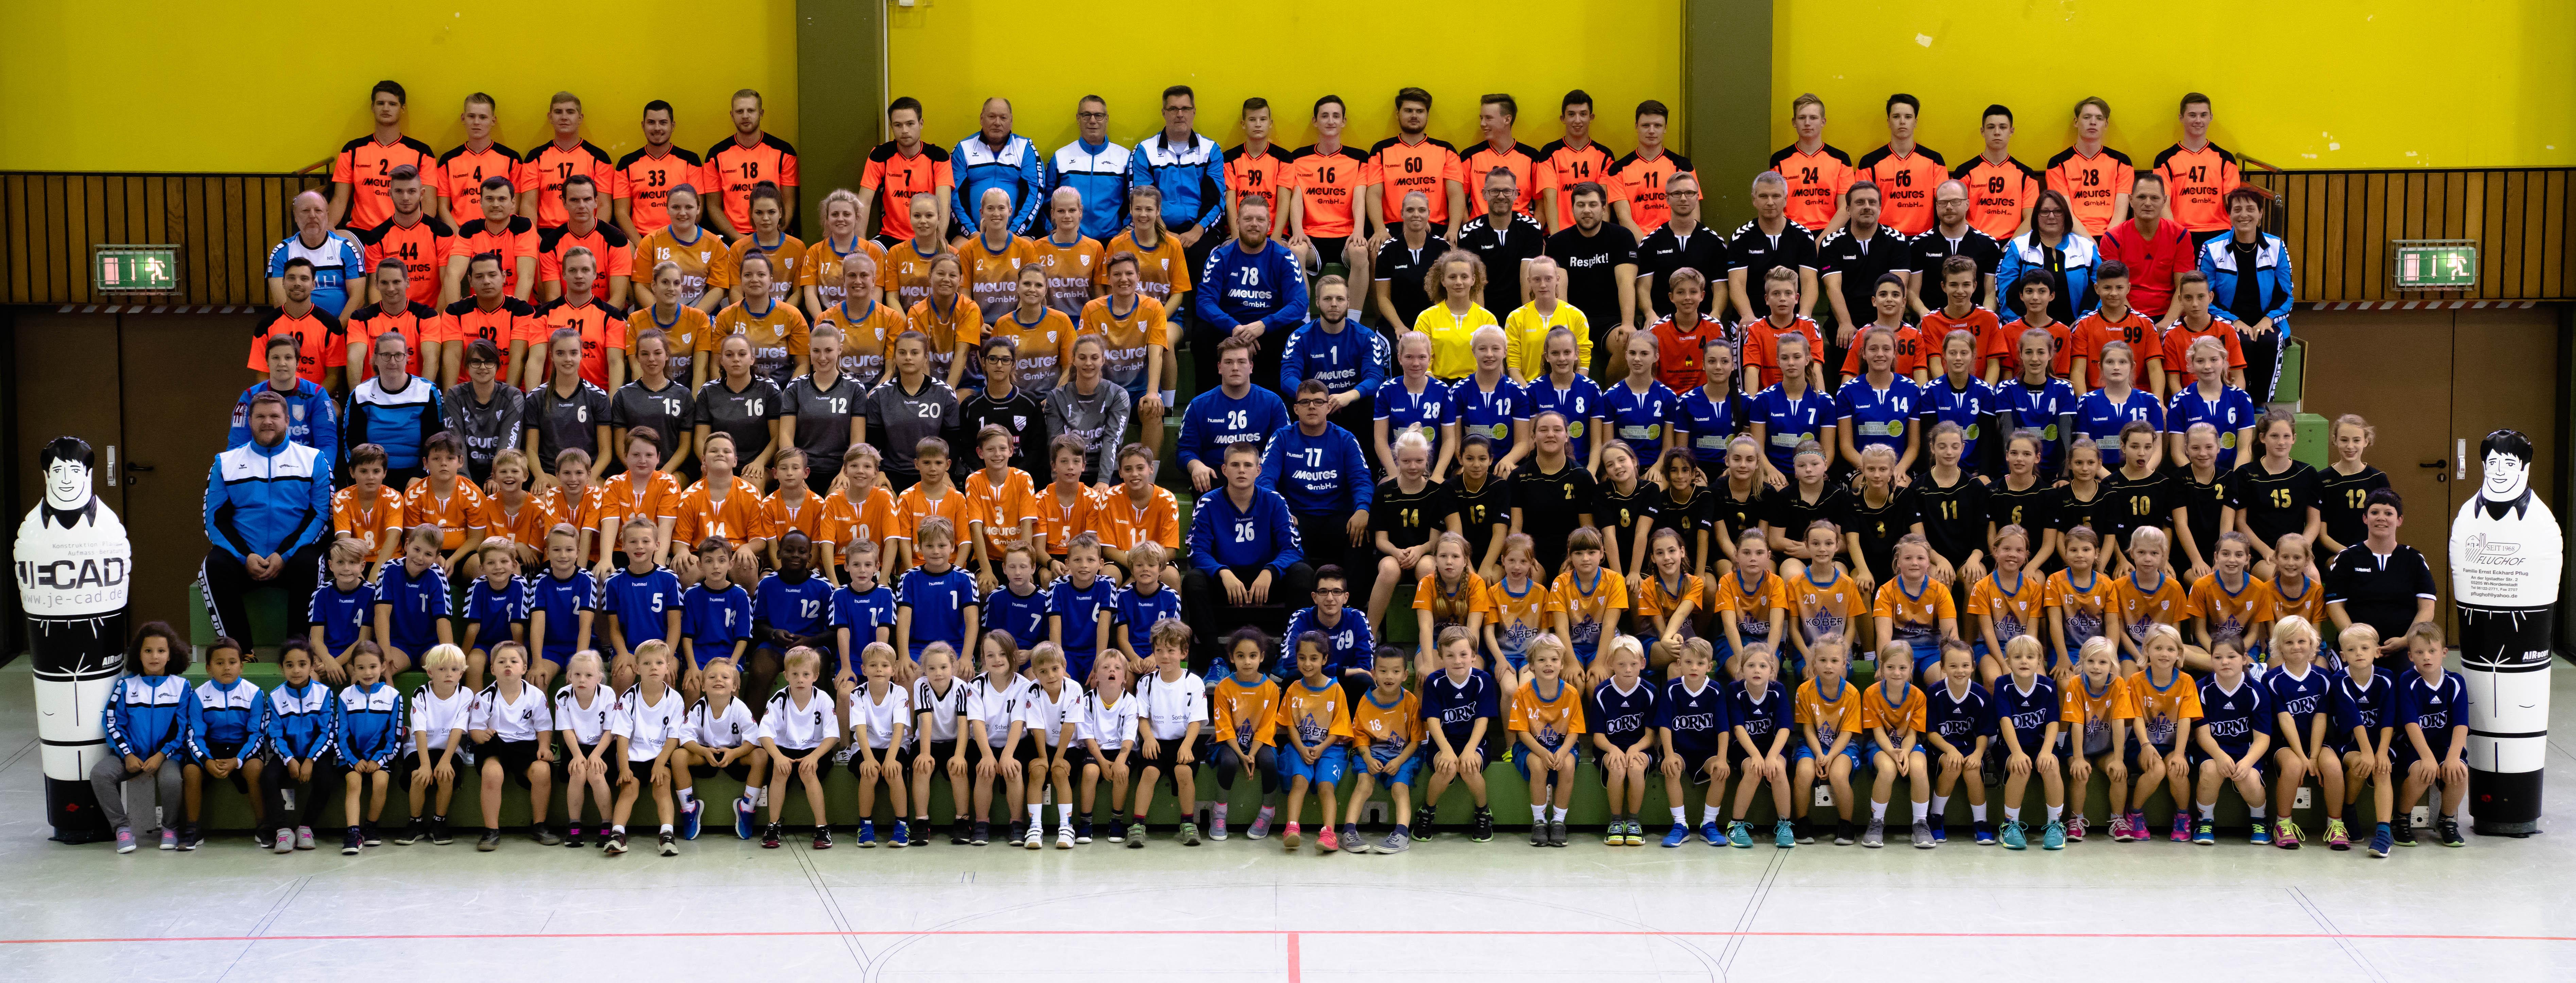 https://tus-nordenstadt-handball.de/wp-content/uploads/2021/09/DSC00428.jpg